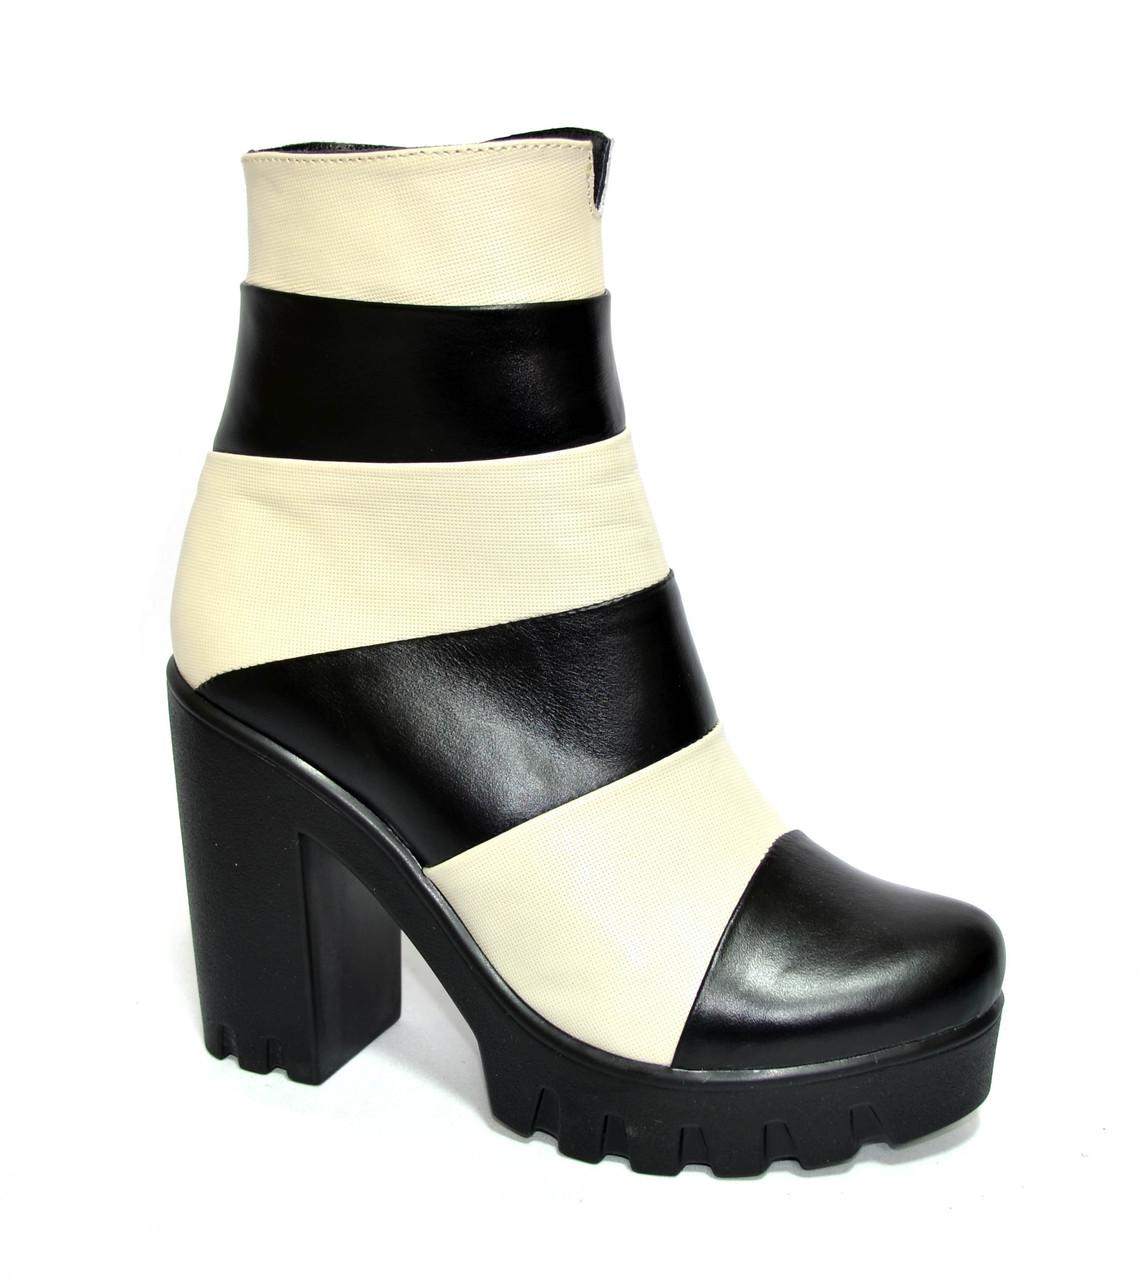 Женские зимние ботинки на тракторной подошве, натуральная кожа, бежево-черные